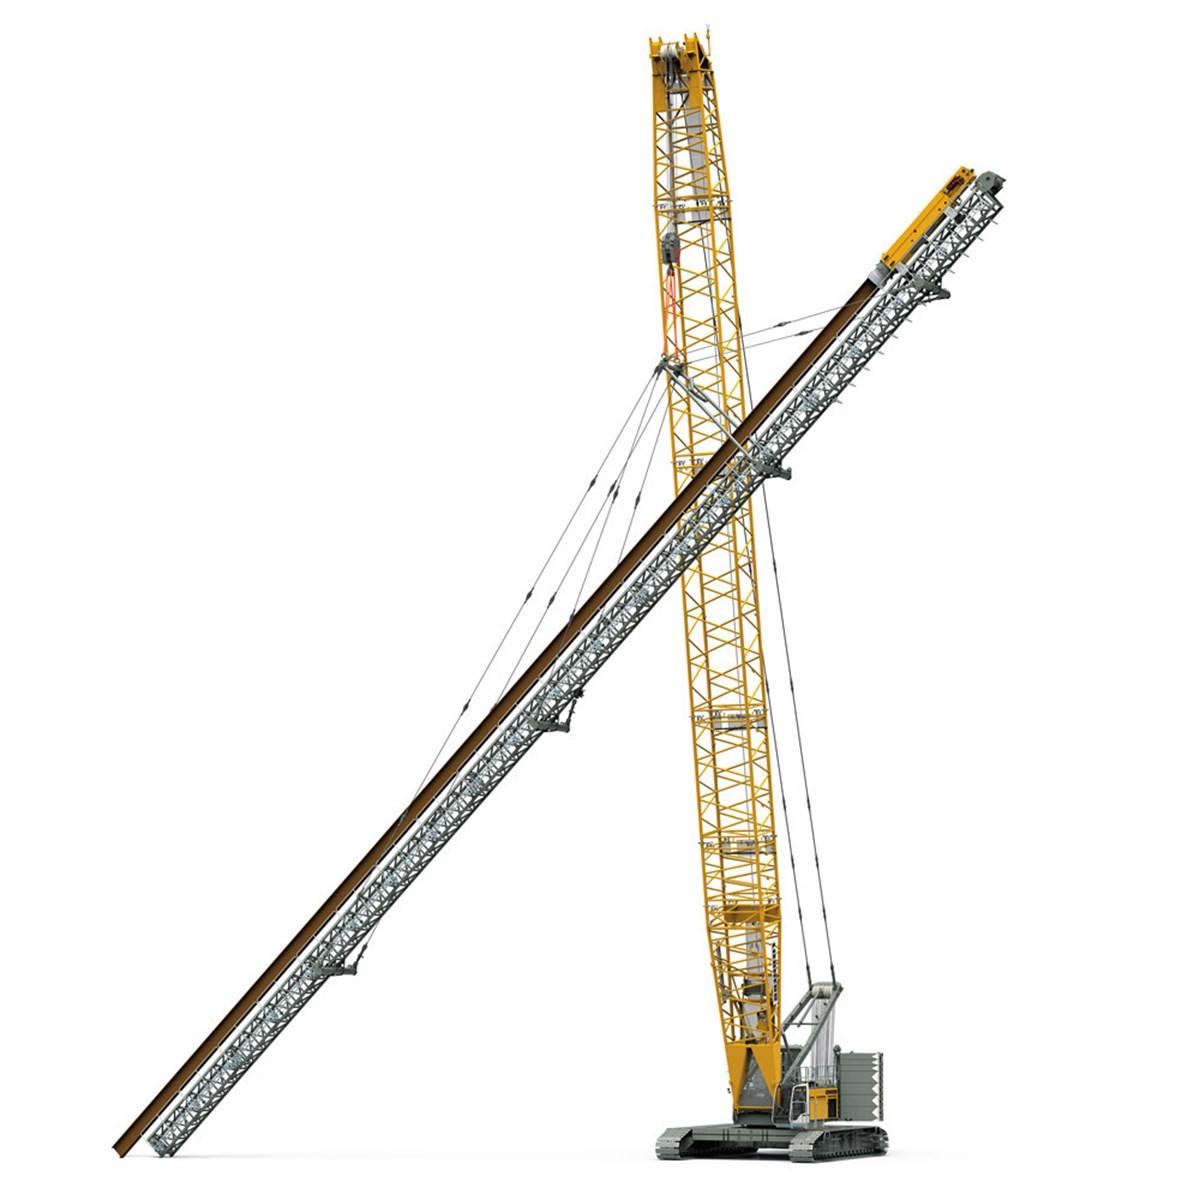 liebherr-lrh-600-rammgerat-piling-rig-swinging-leader-illustration.jpg